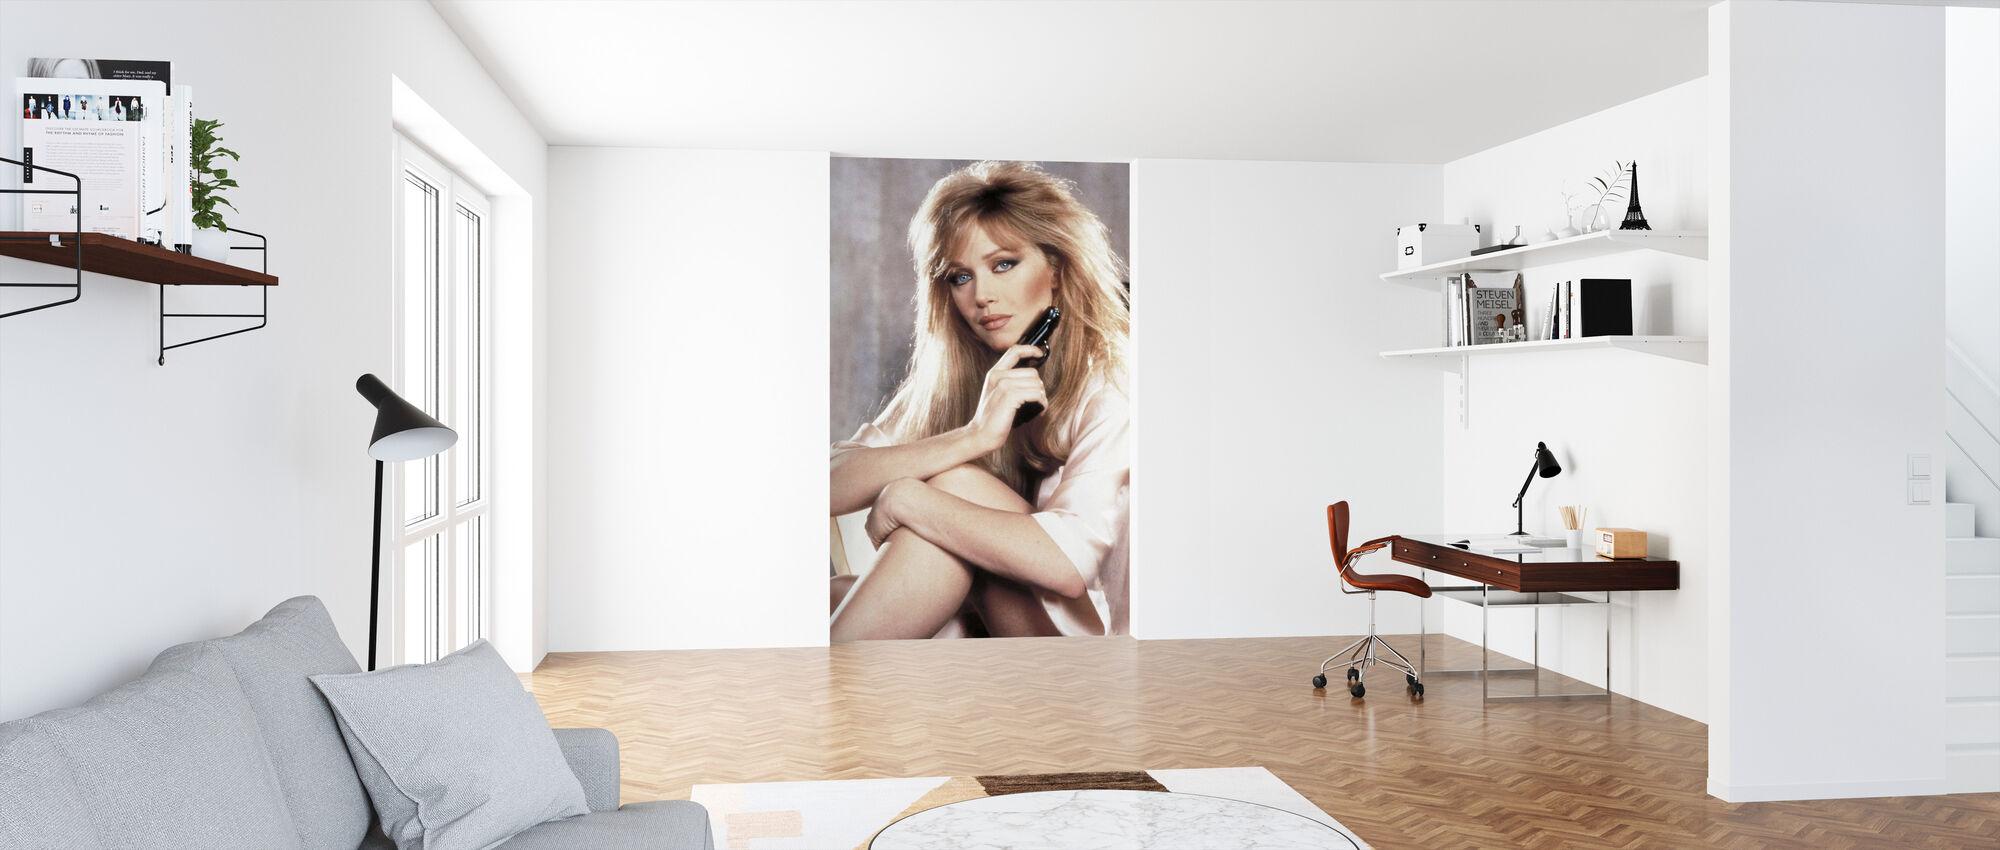 Tanya Roberts i 007 en visning til en Dræb - Tapet - Kontor